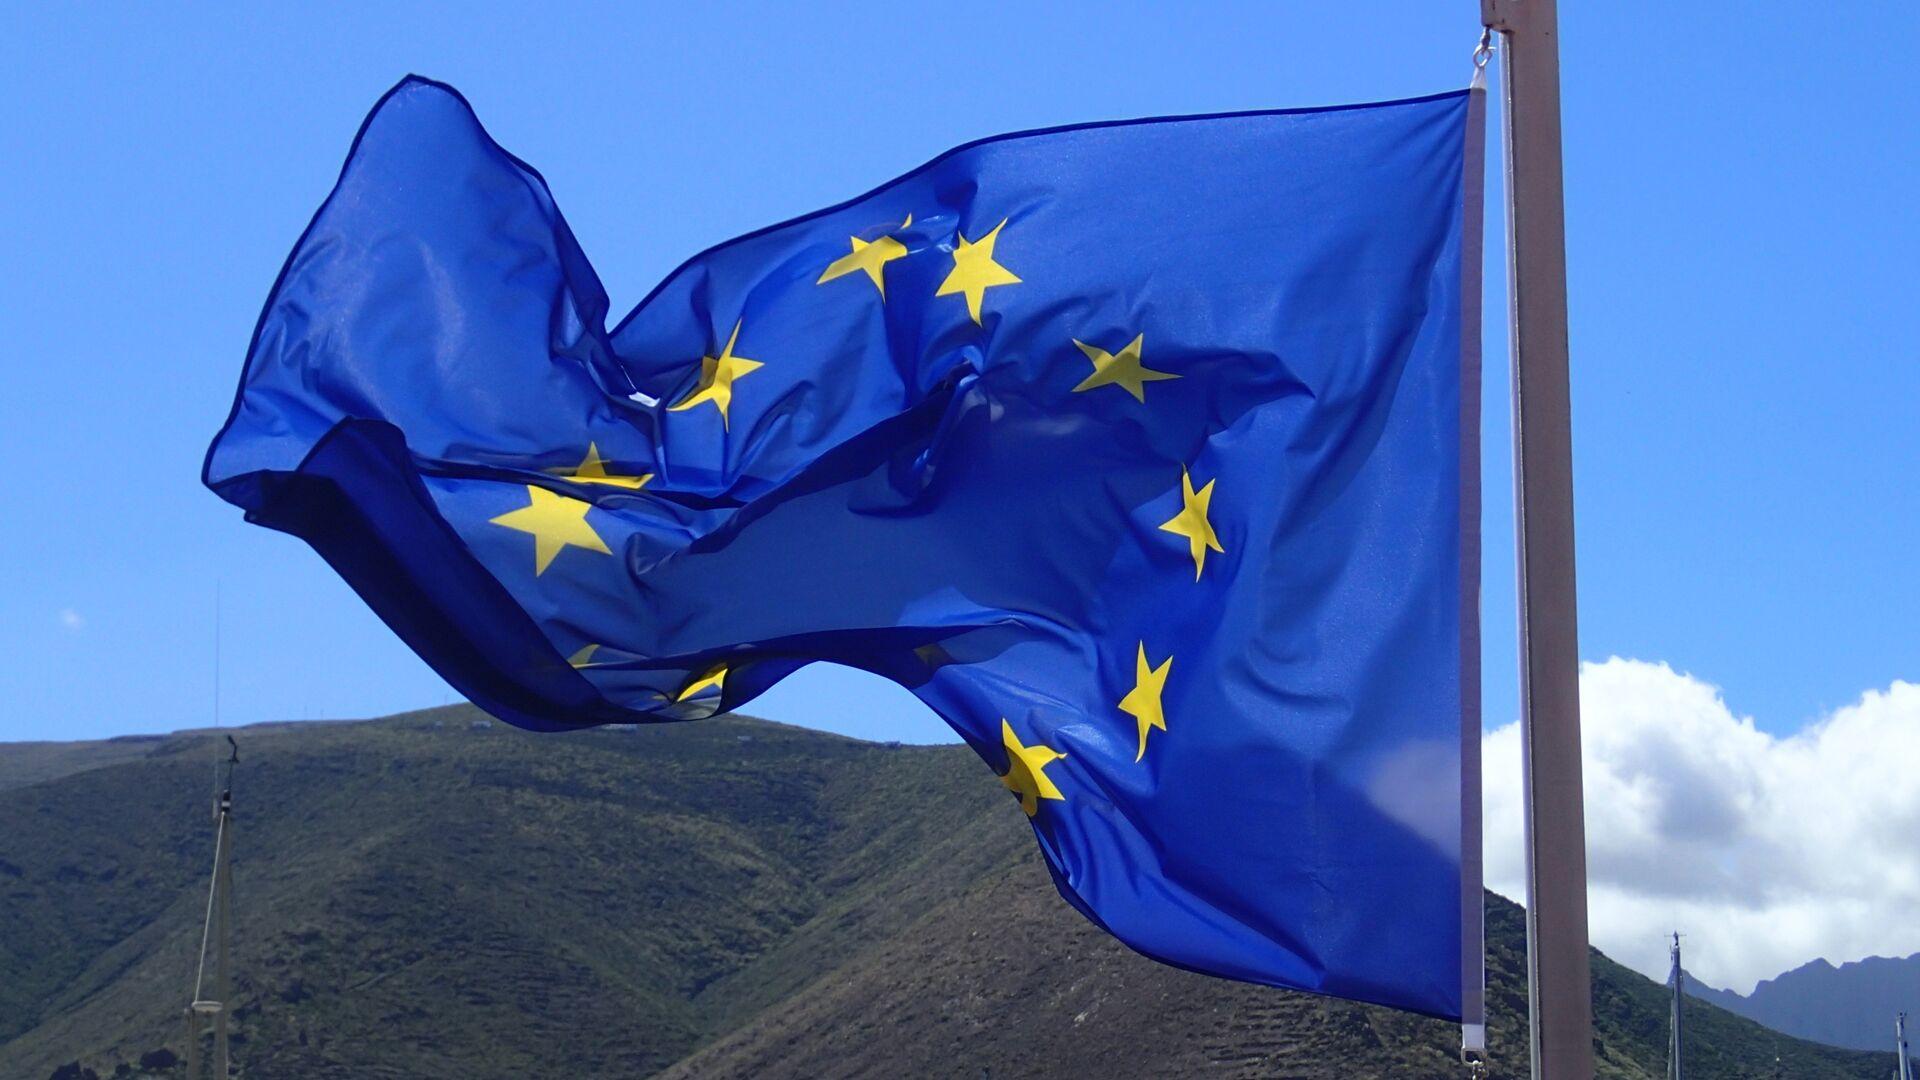 Bandera de la Unión Europea - Sputnik Mundo, 1920, 10.03.2021